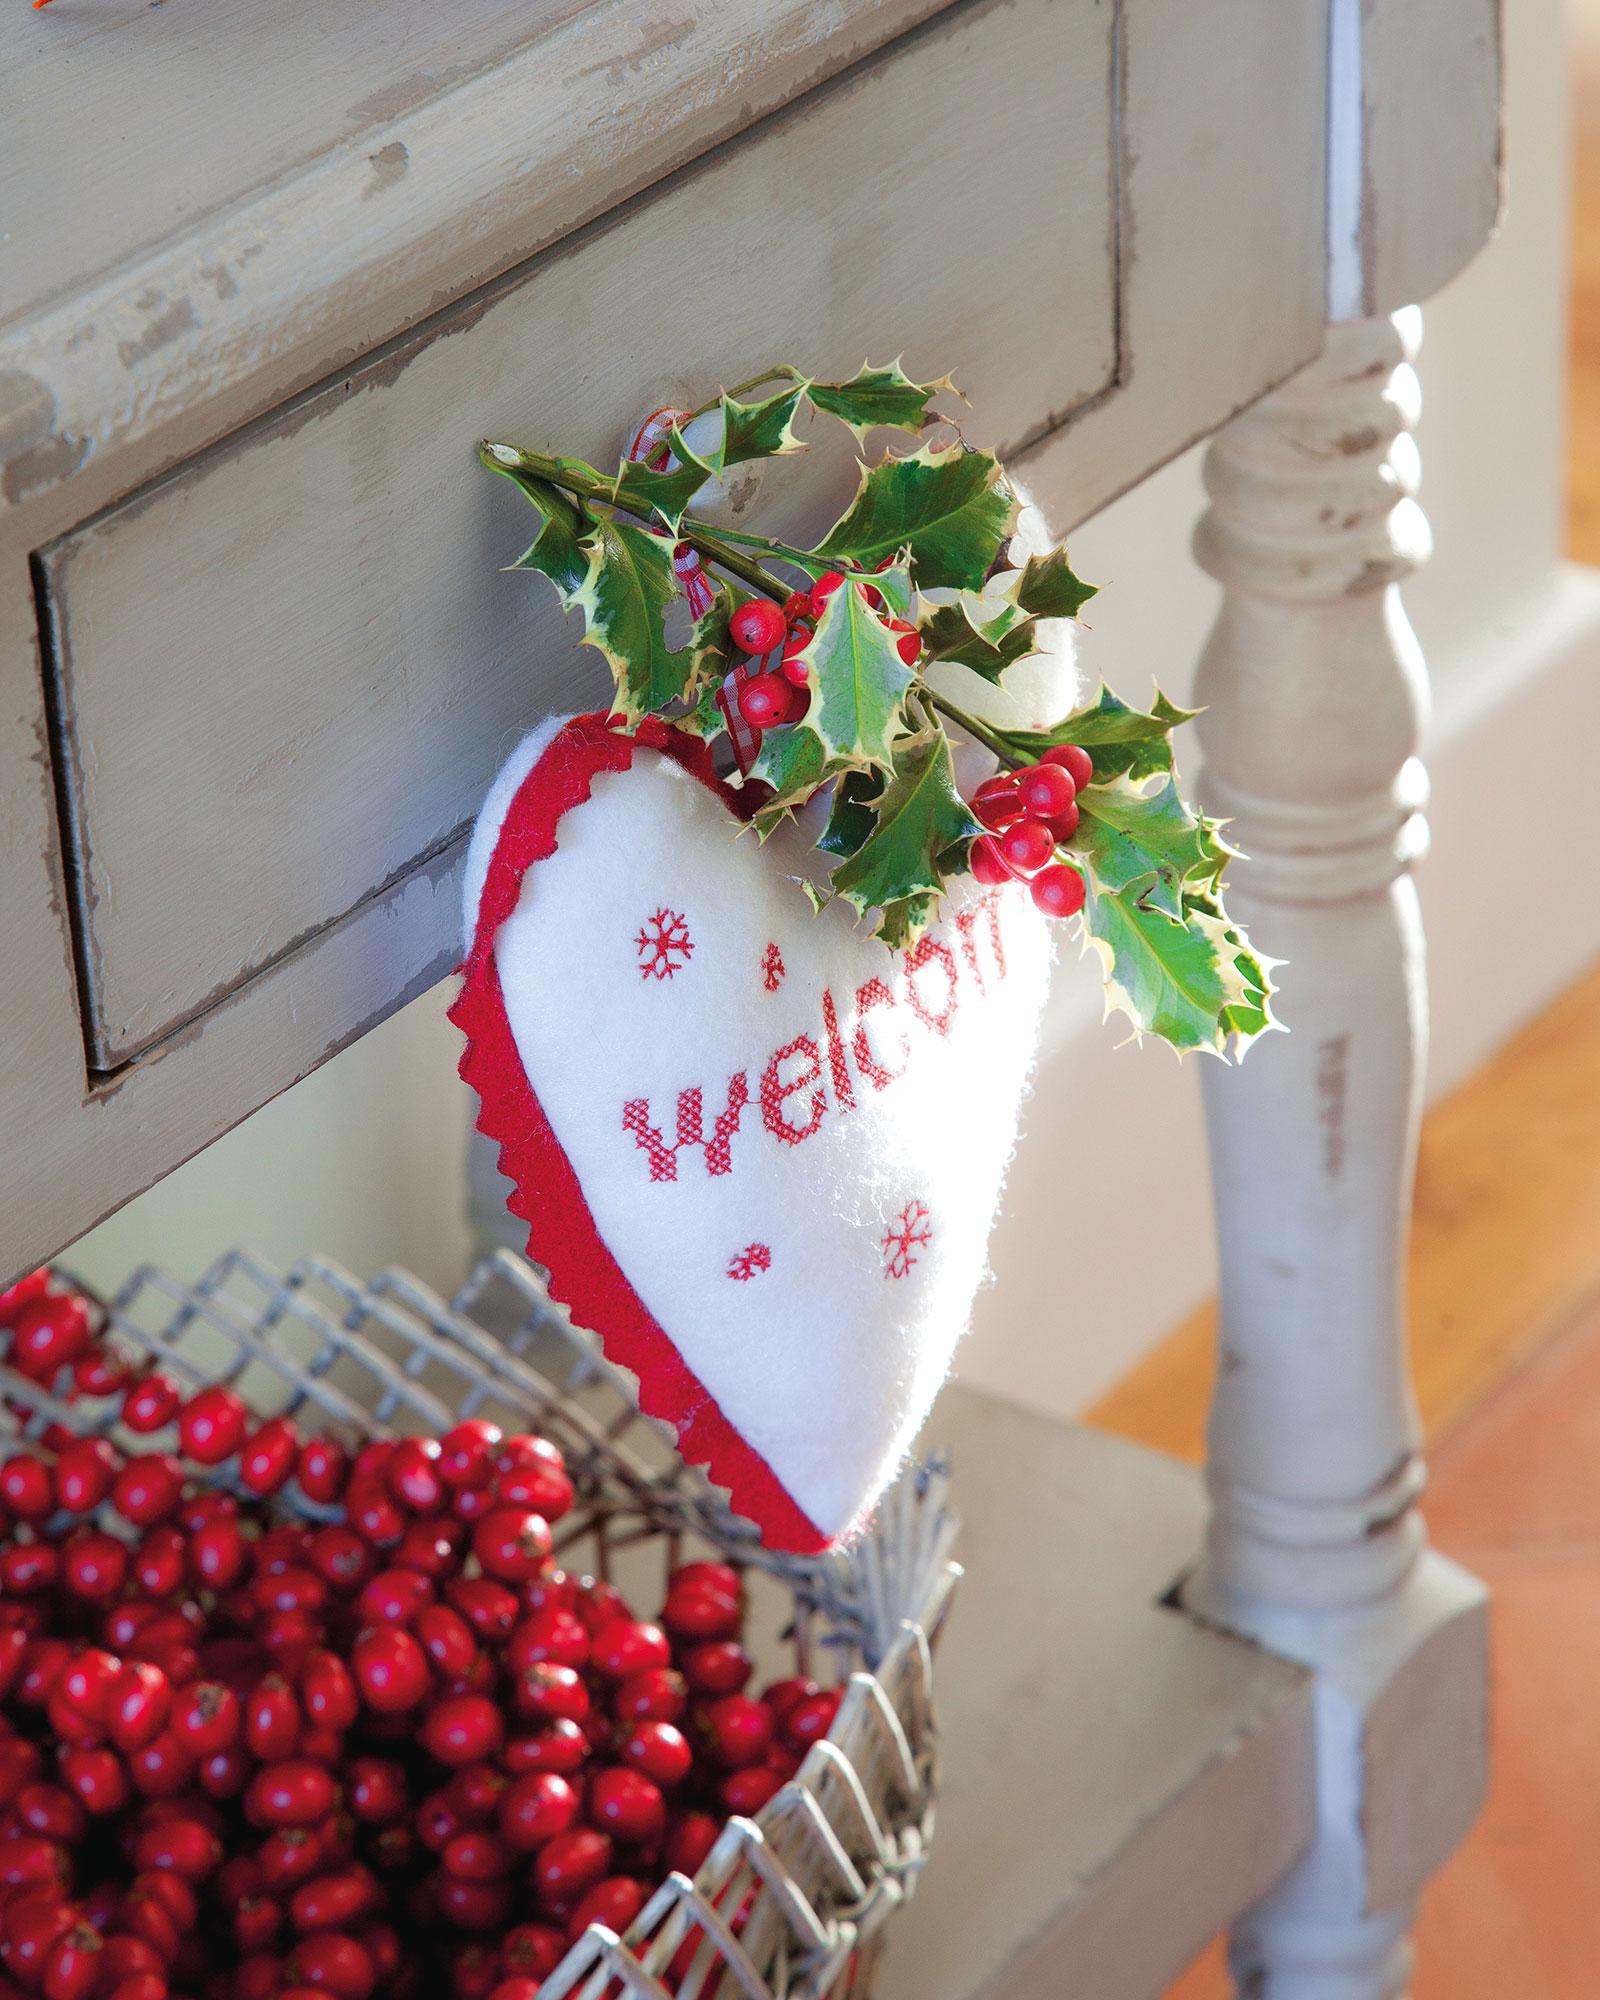 9 colgantes de Navidad de 5 cm dise/ño de coraz/ón color rojo verde y blanco